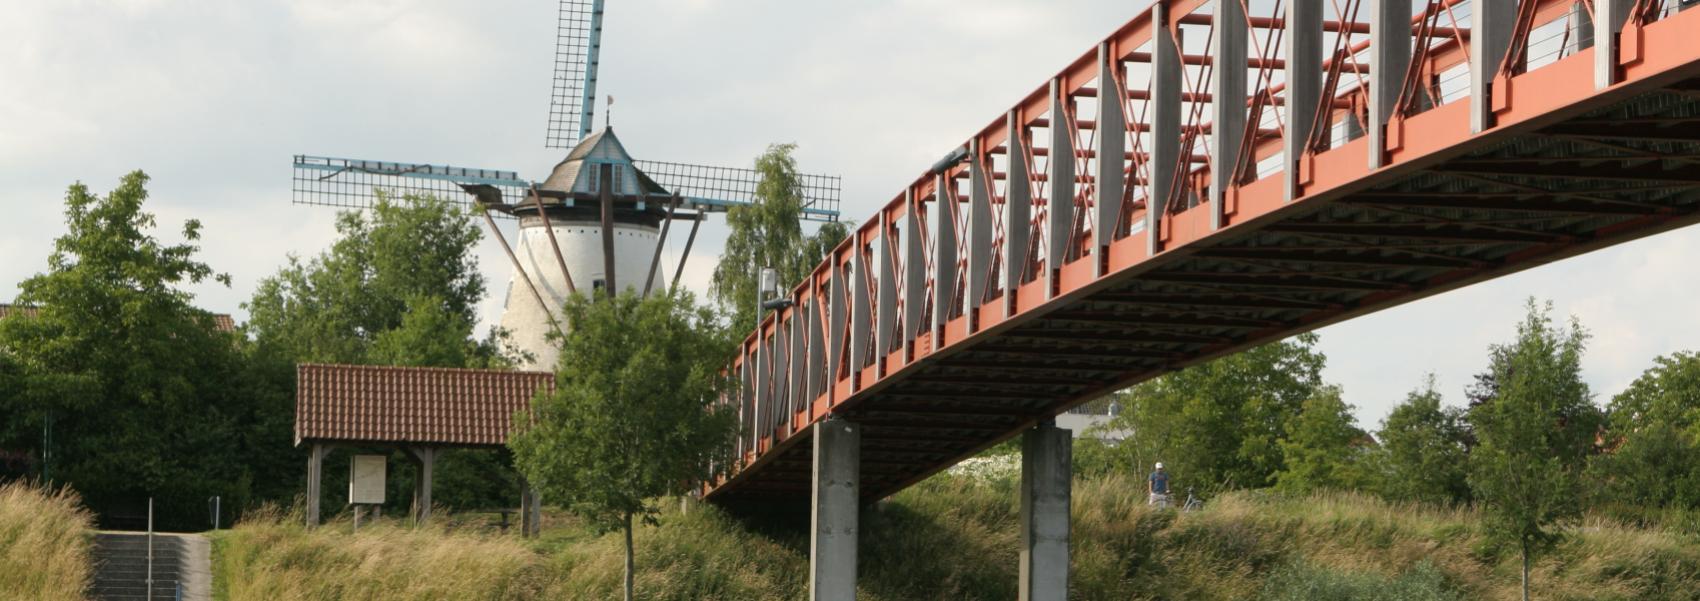 rode voetgangersbrug over de Leie